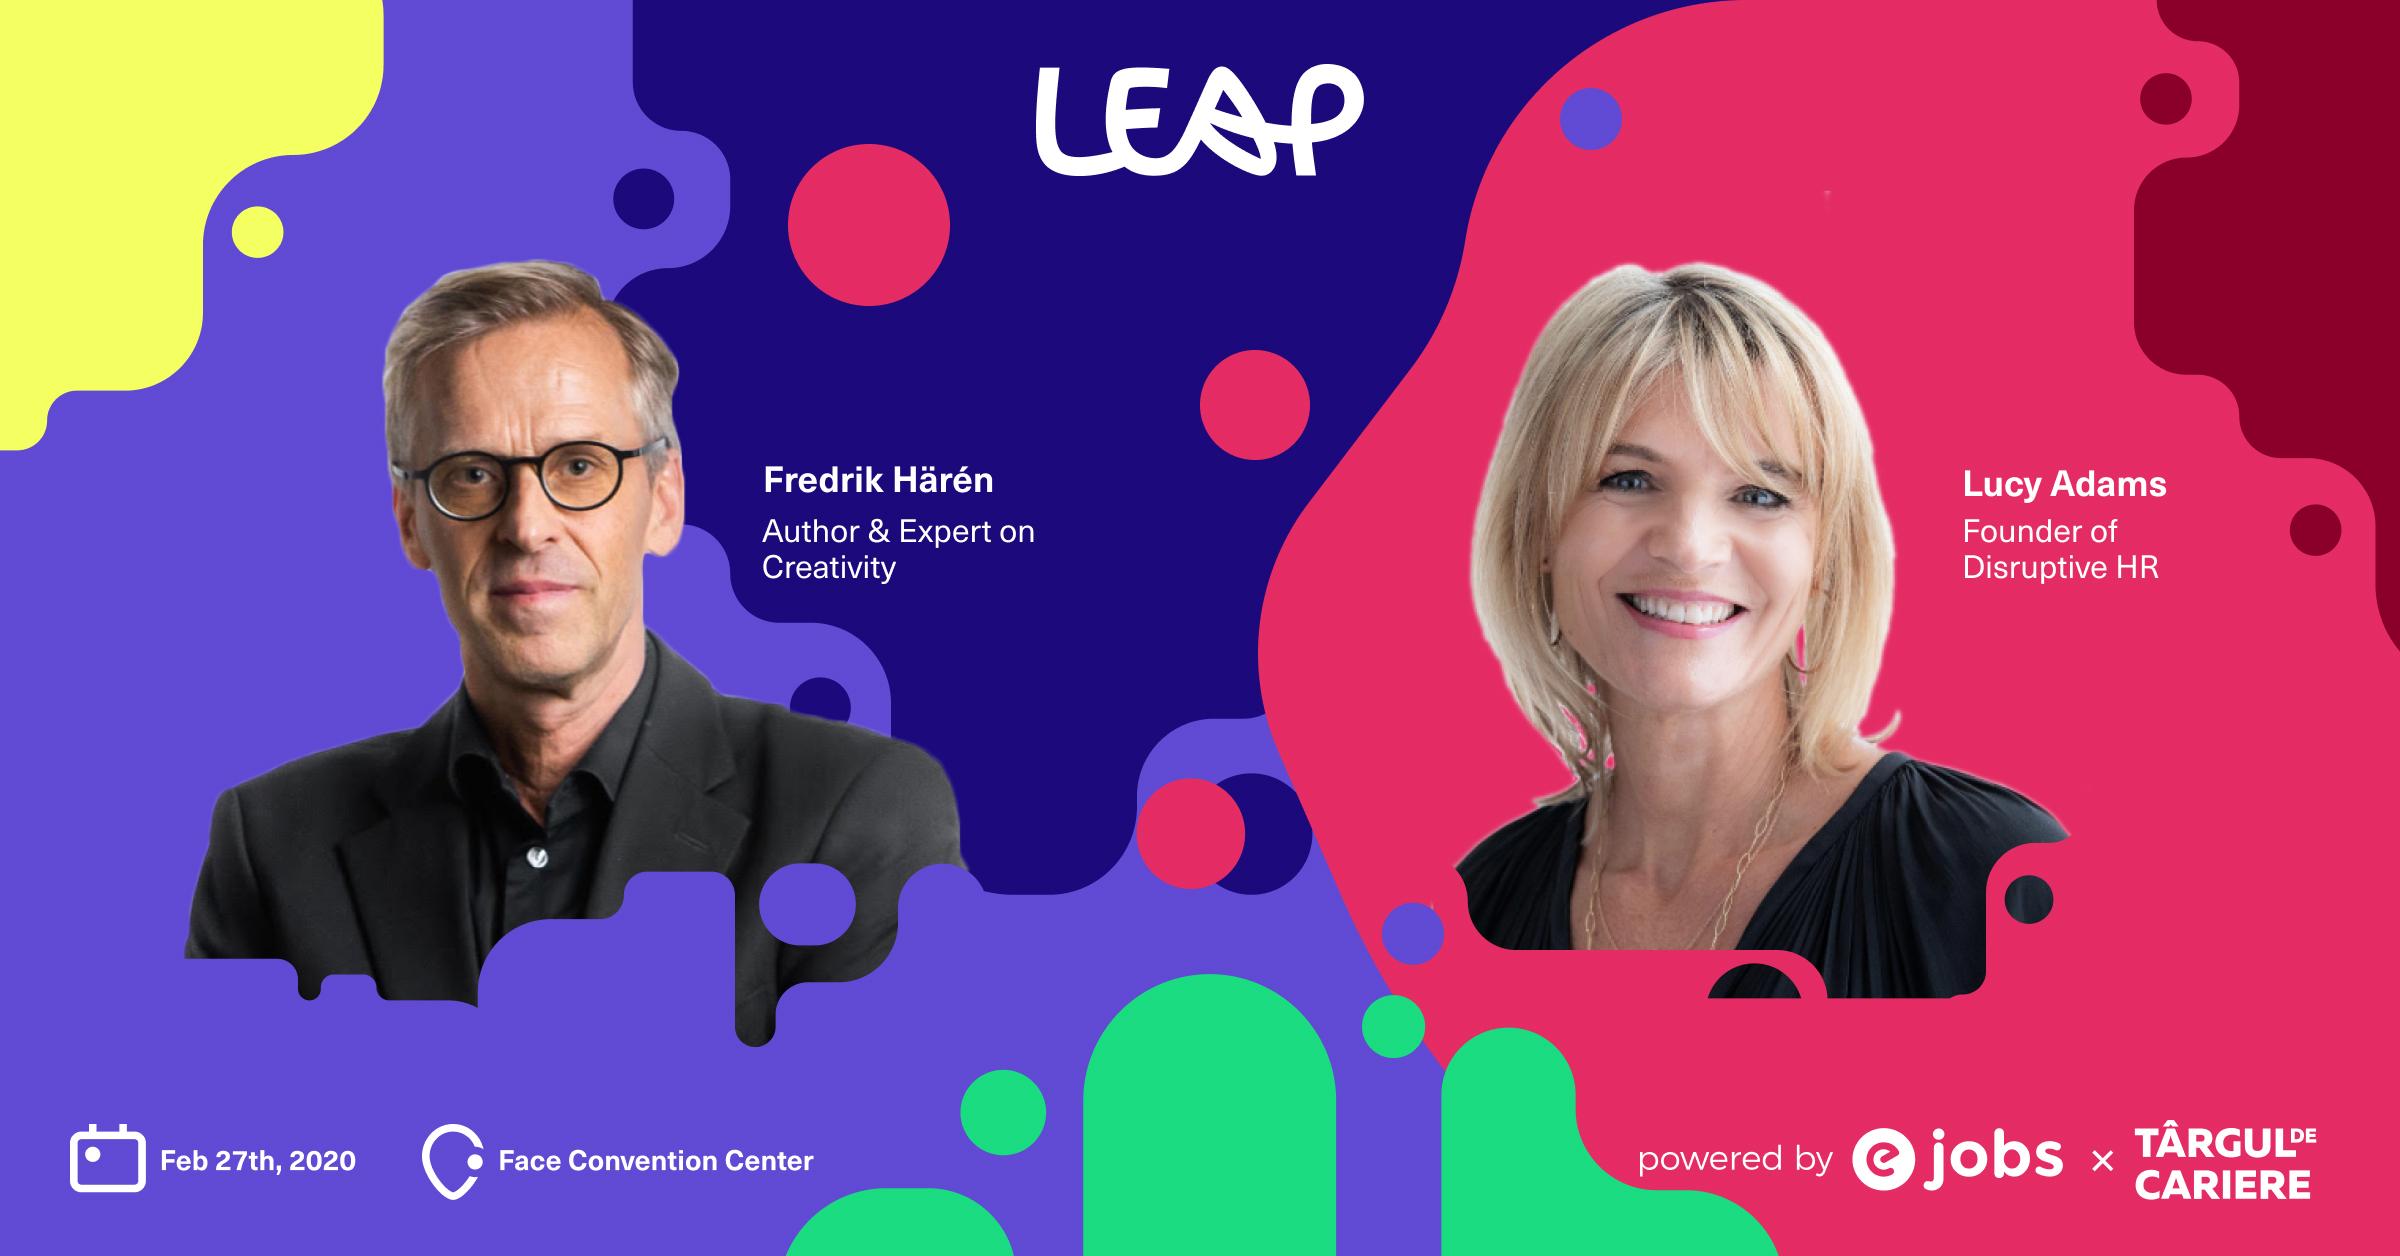 eJobs organizează prima conferință internațională dedicată specialiștilor în resurse umane și people management și îi aduce în România pe Lucy Adams, fostul HR Manager al BBC, și Fredrik Härén, unul dintre cei mai cunoscuți public speakeri din lume